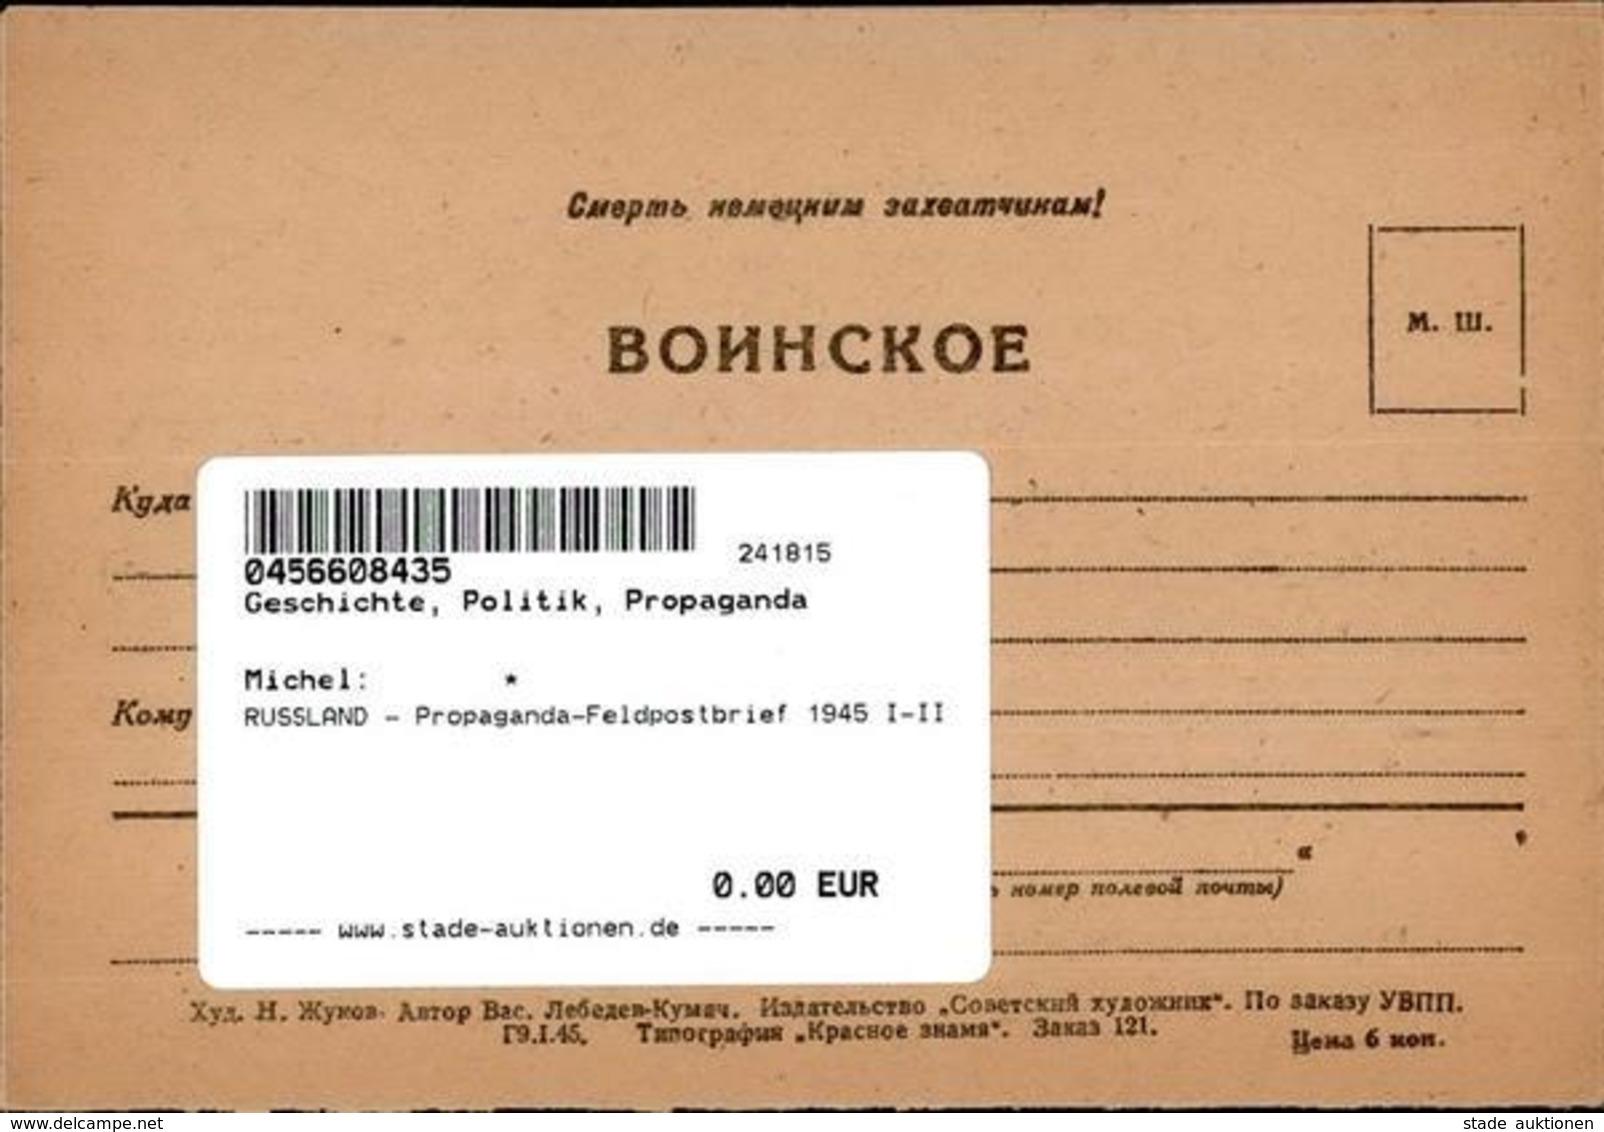 RUSSLAND - Propaganda-Feldpostbrief 1945 I-II - Ohne Zuordnung